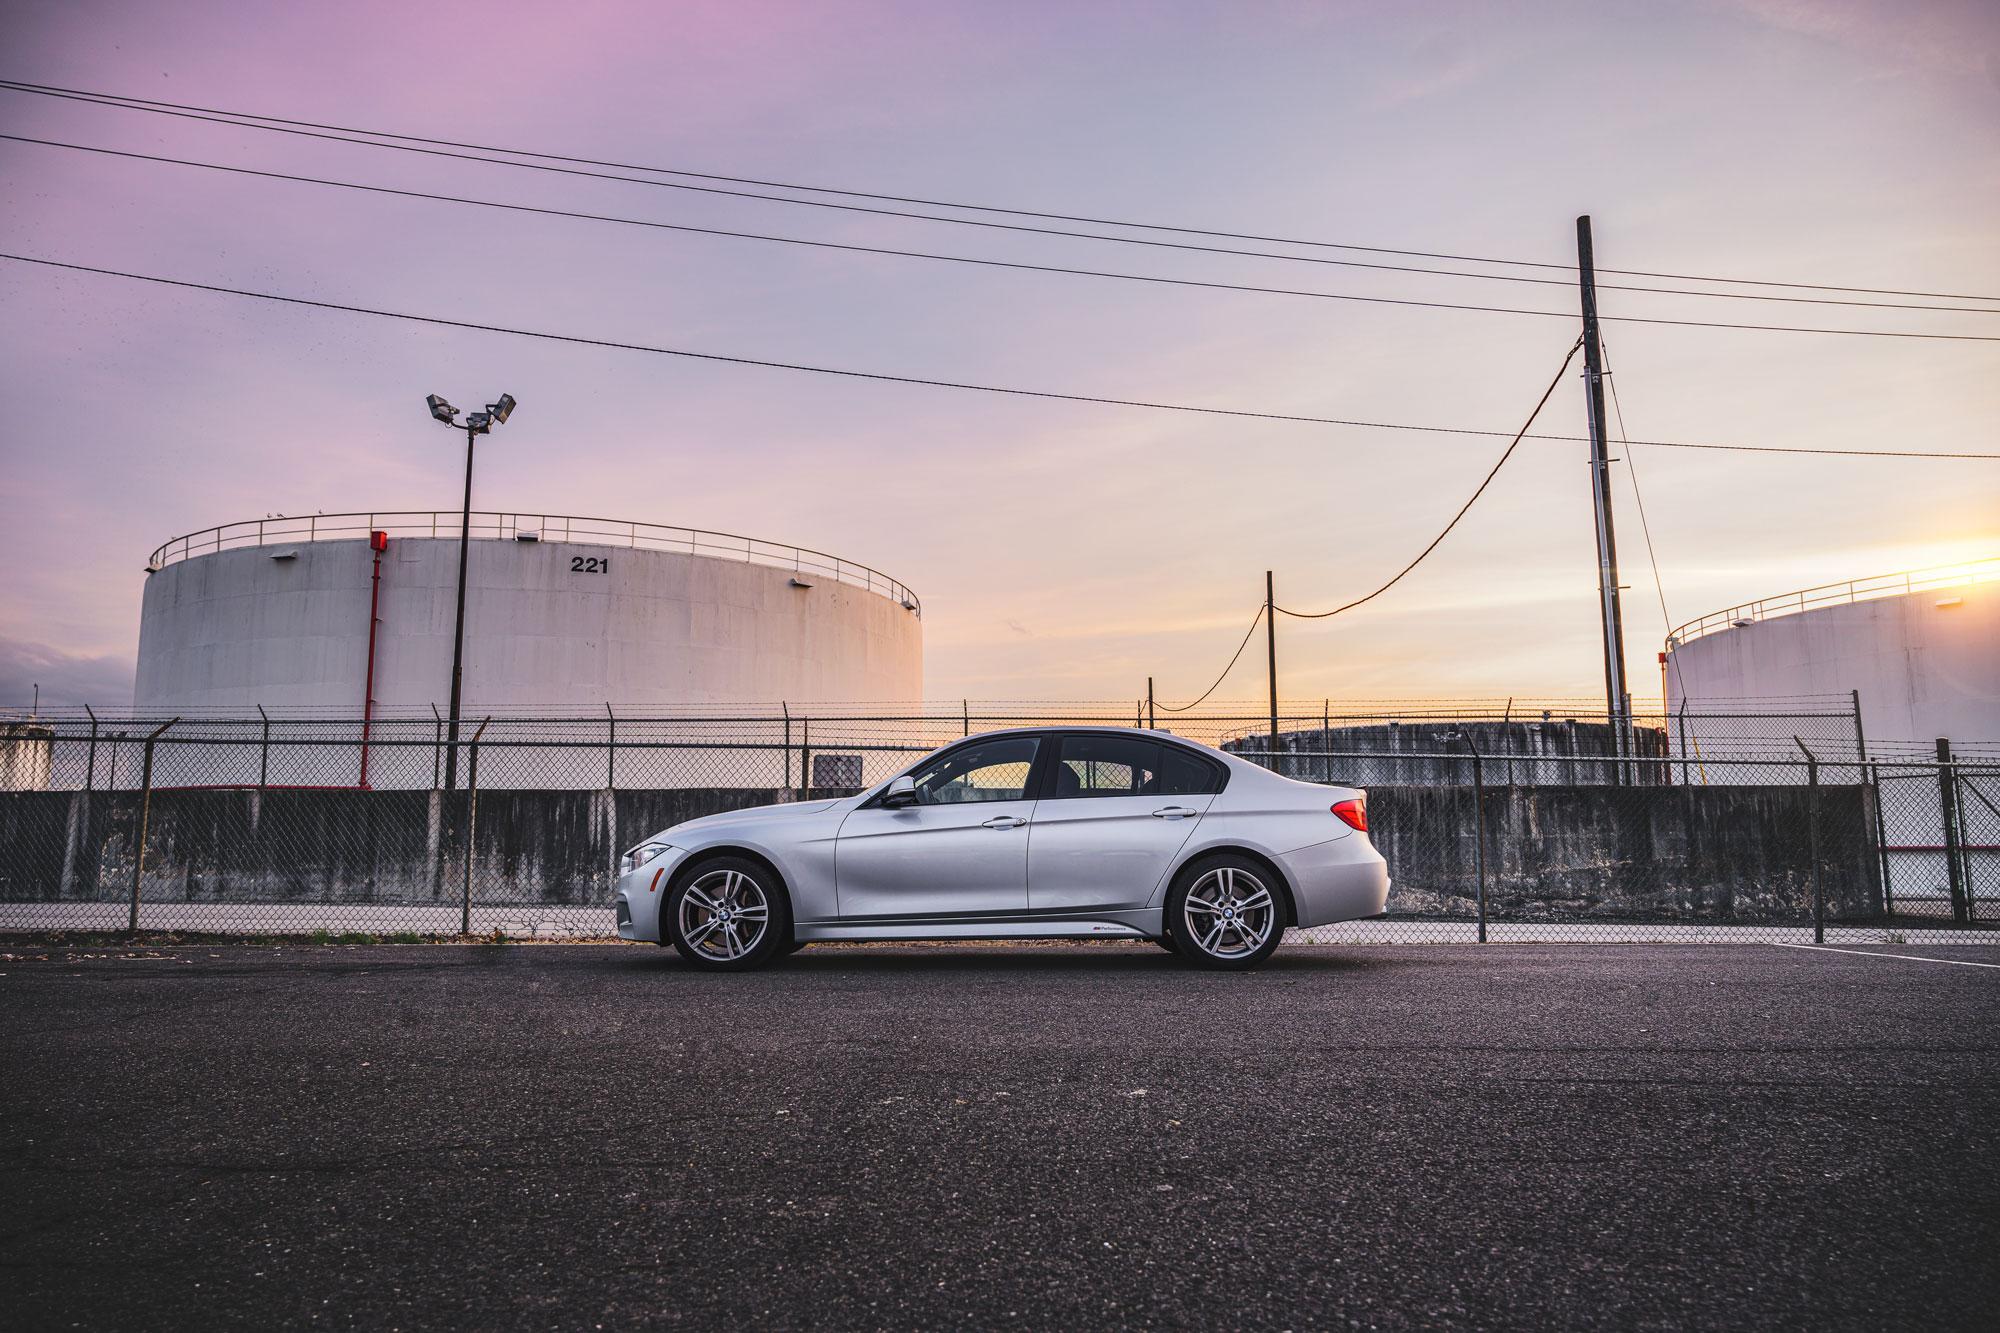 BMW 335i sunset.